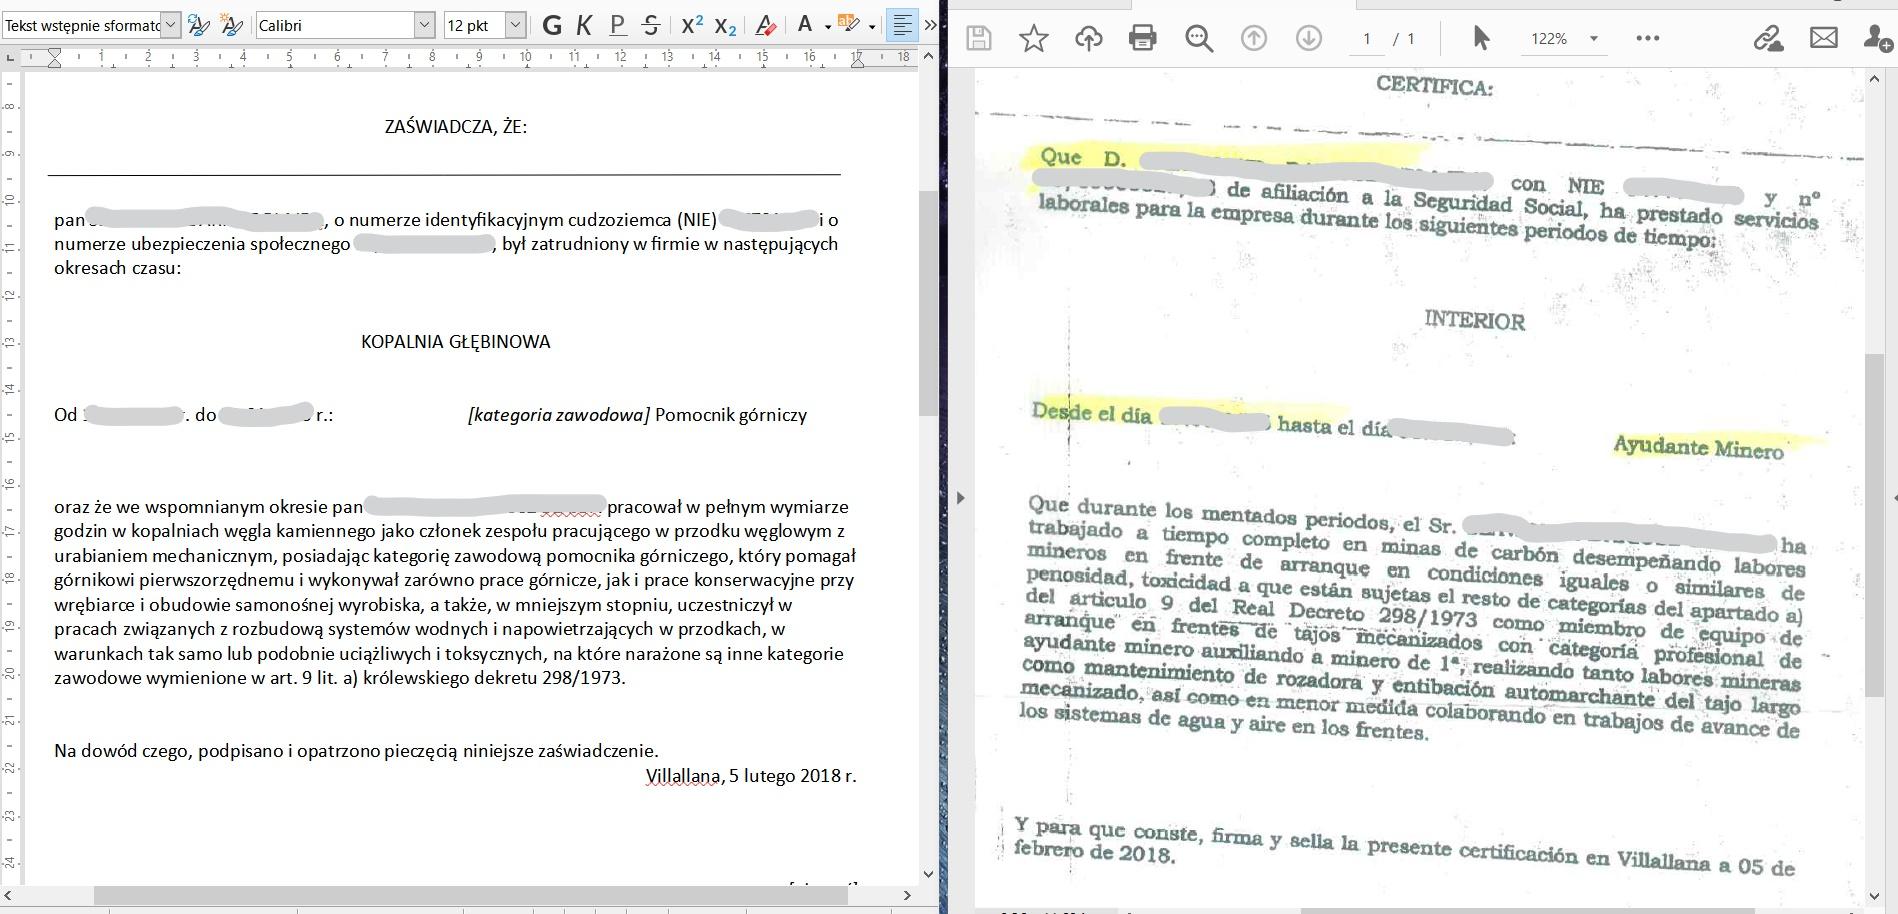 portfolio/006/133006/Zrzut_ekranu_1_cst3YzW.jpg